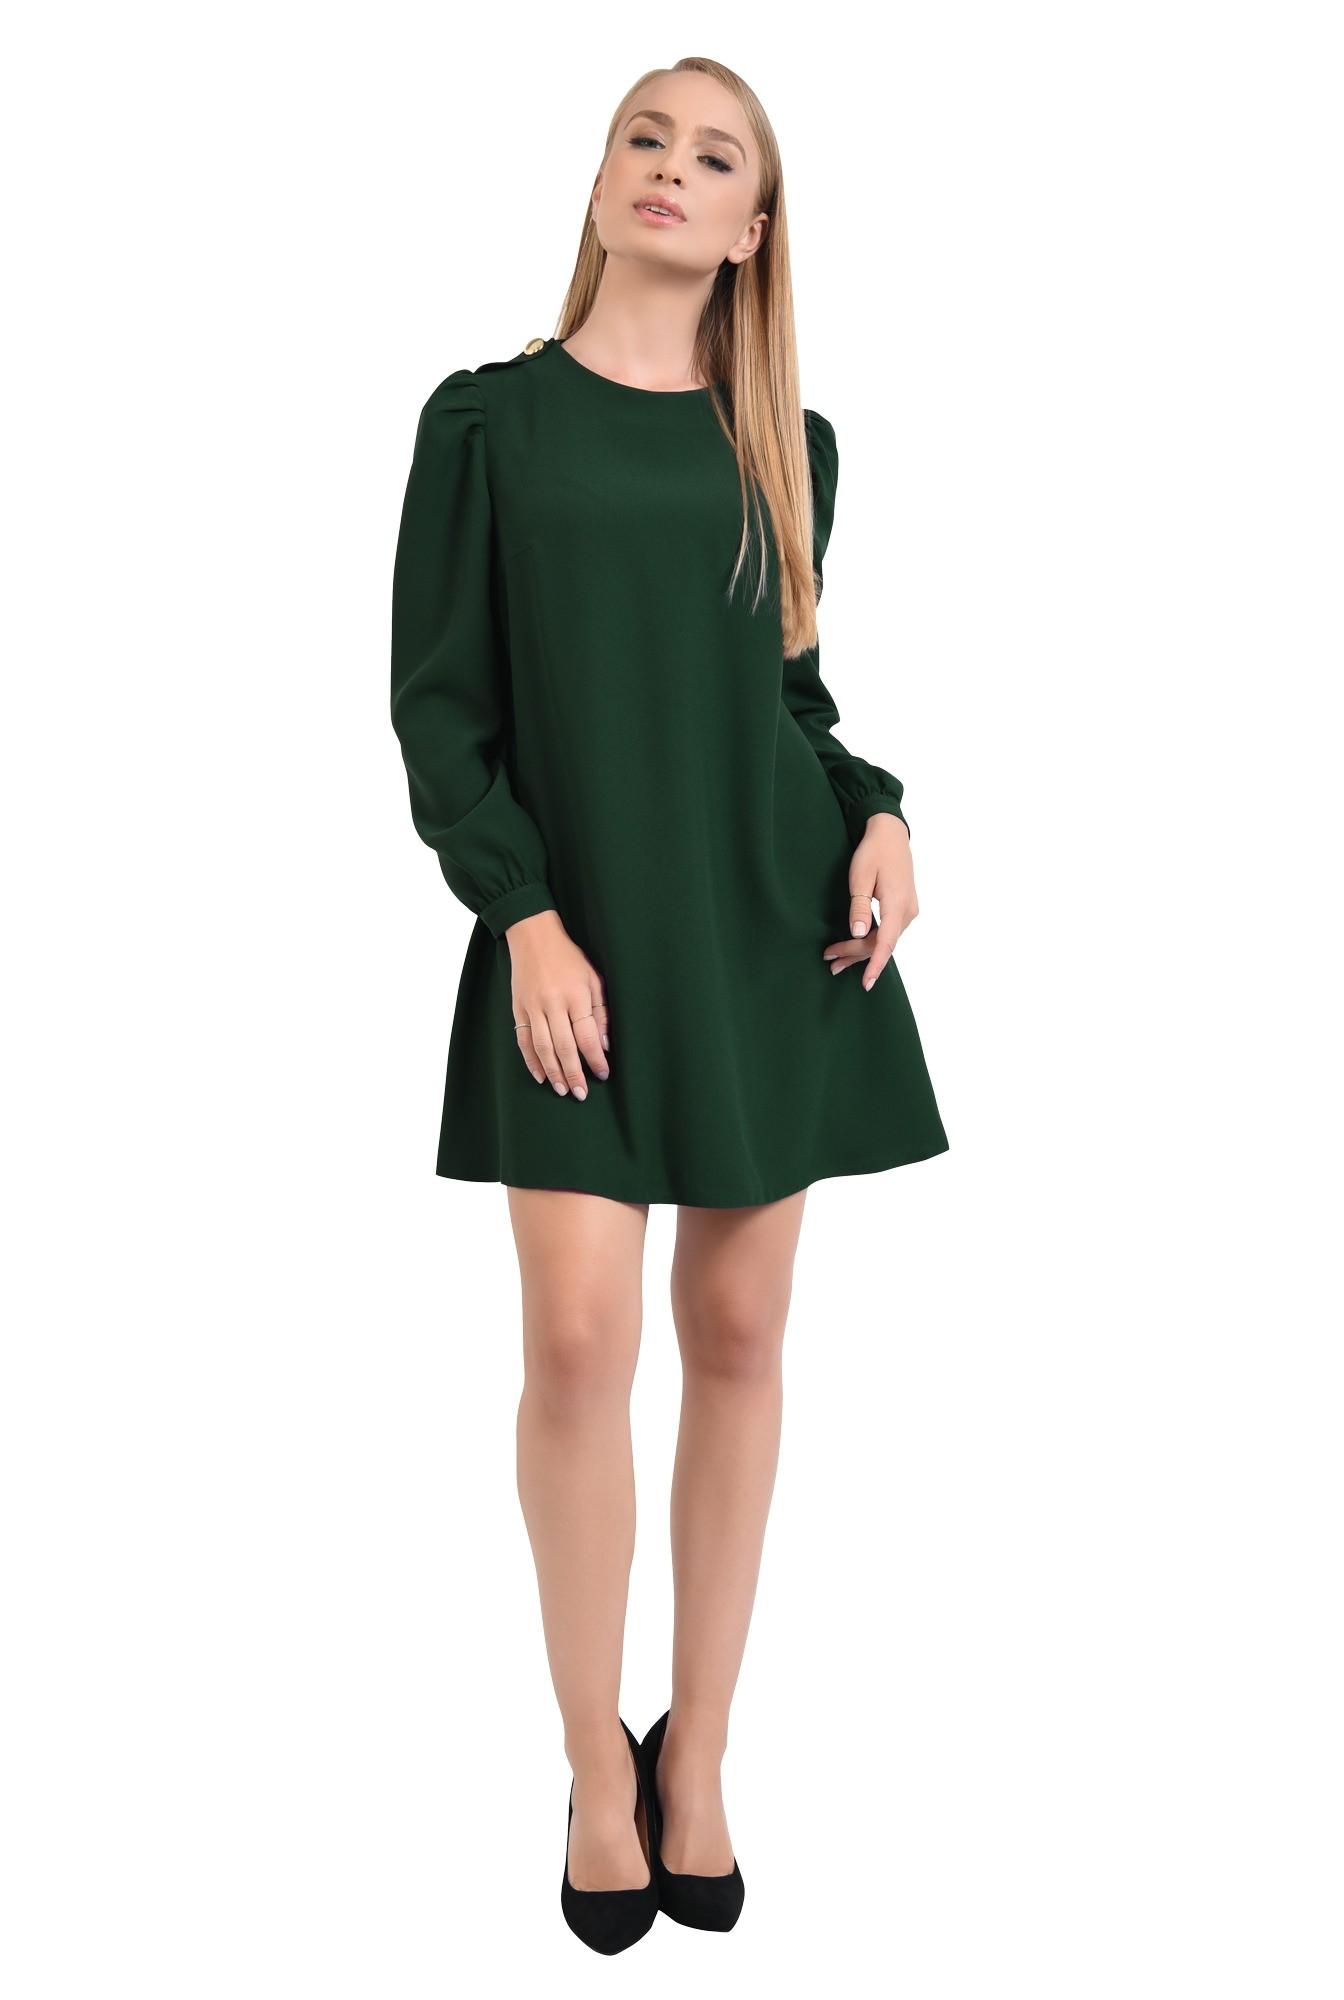 3 - 360 - rochie de zi, croi evazat, verde inchis, epoleti, cu nasture fantezie